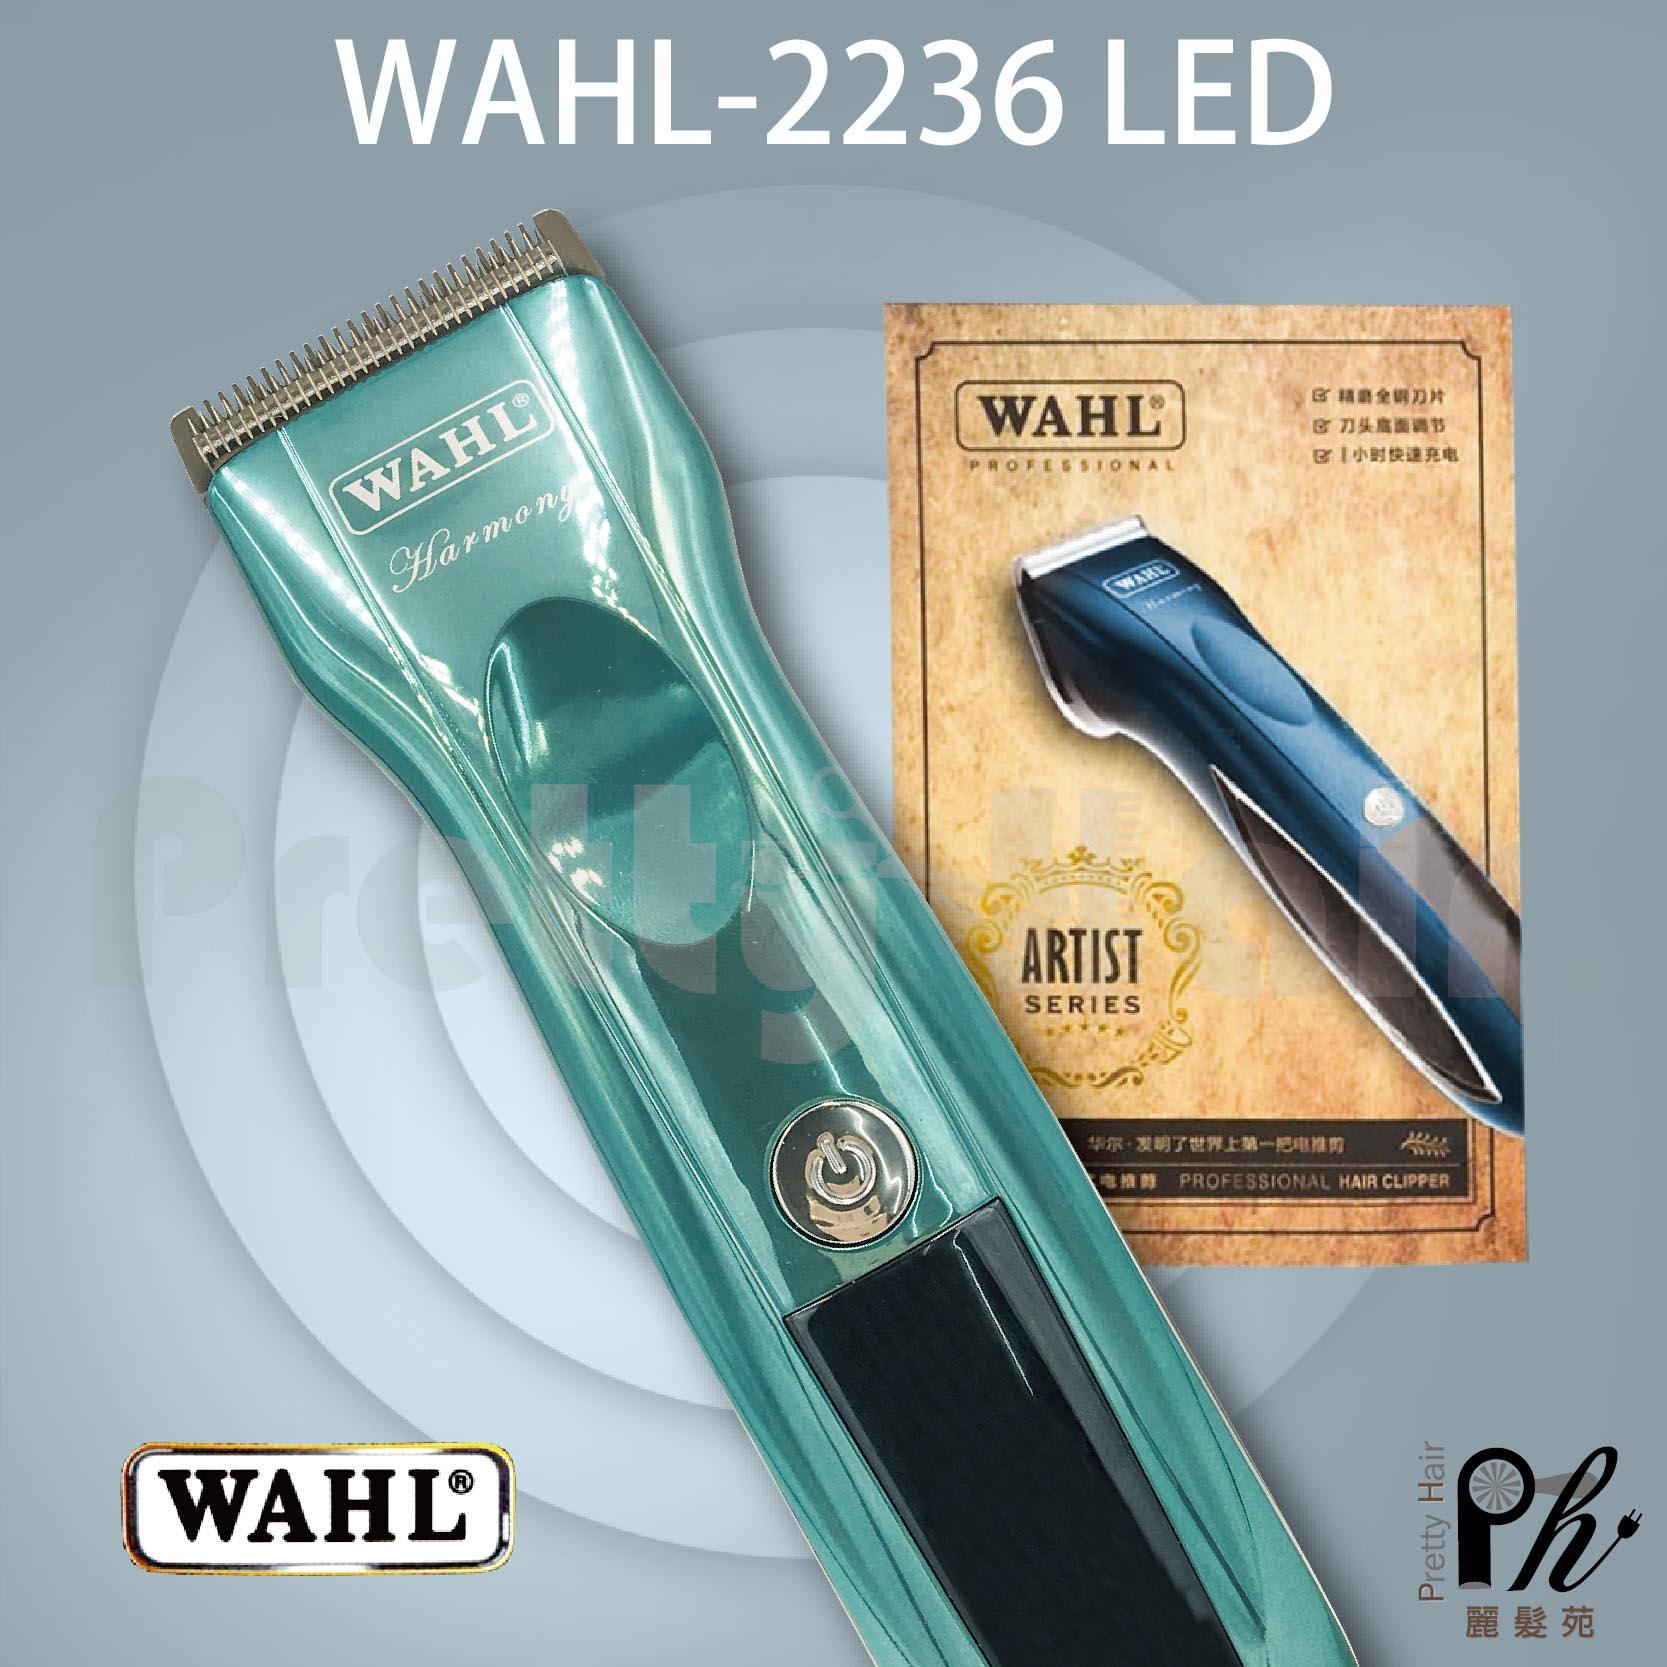 【麗髮苑】送2贈品 專業電剪WAHL-2236 電動理髮器 理髮刀理髮剪剃頭刀剃刀剃髮刀刮鬍刀